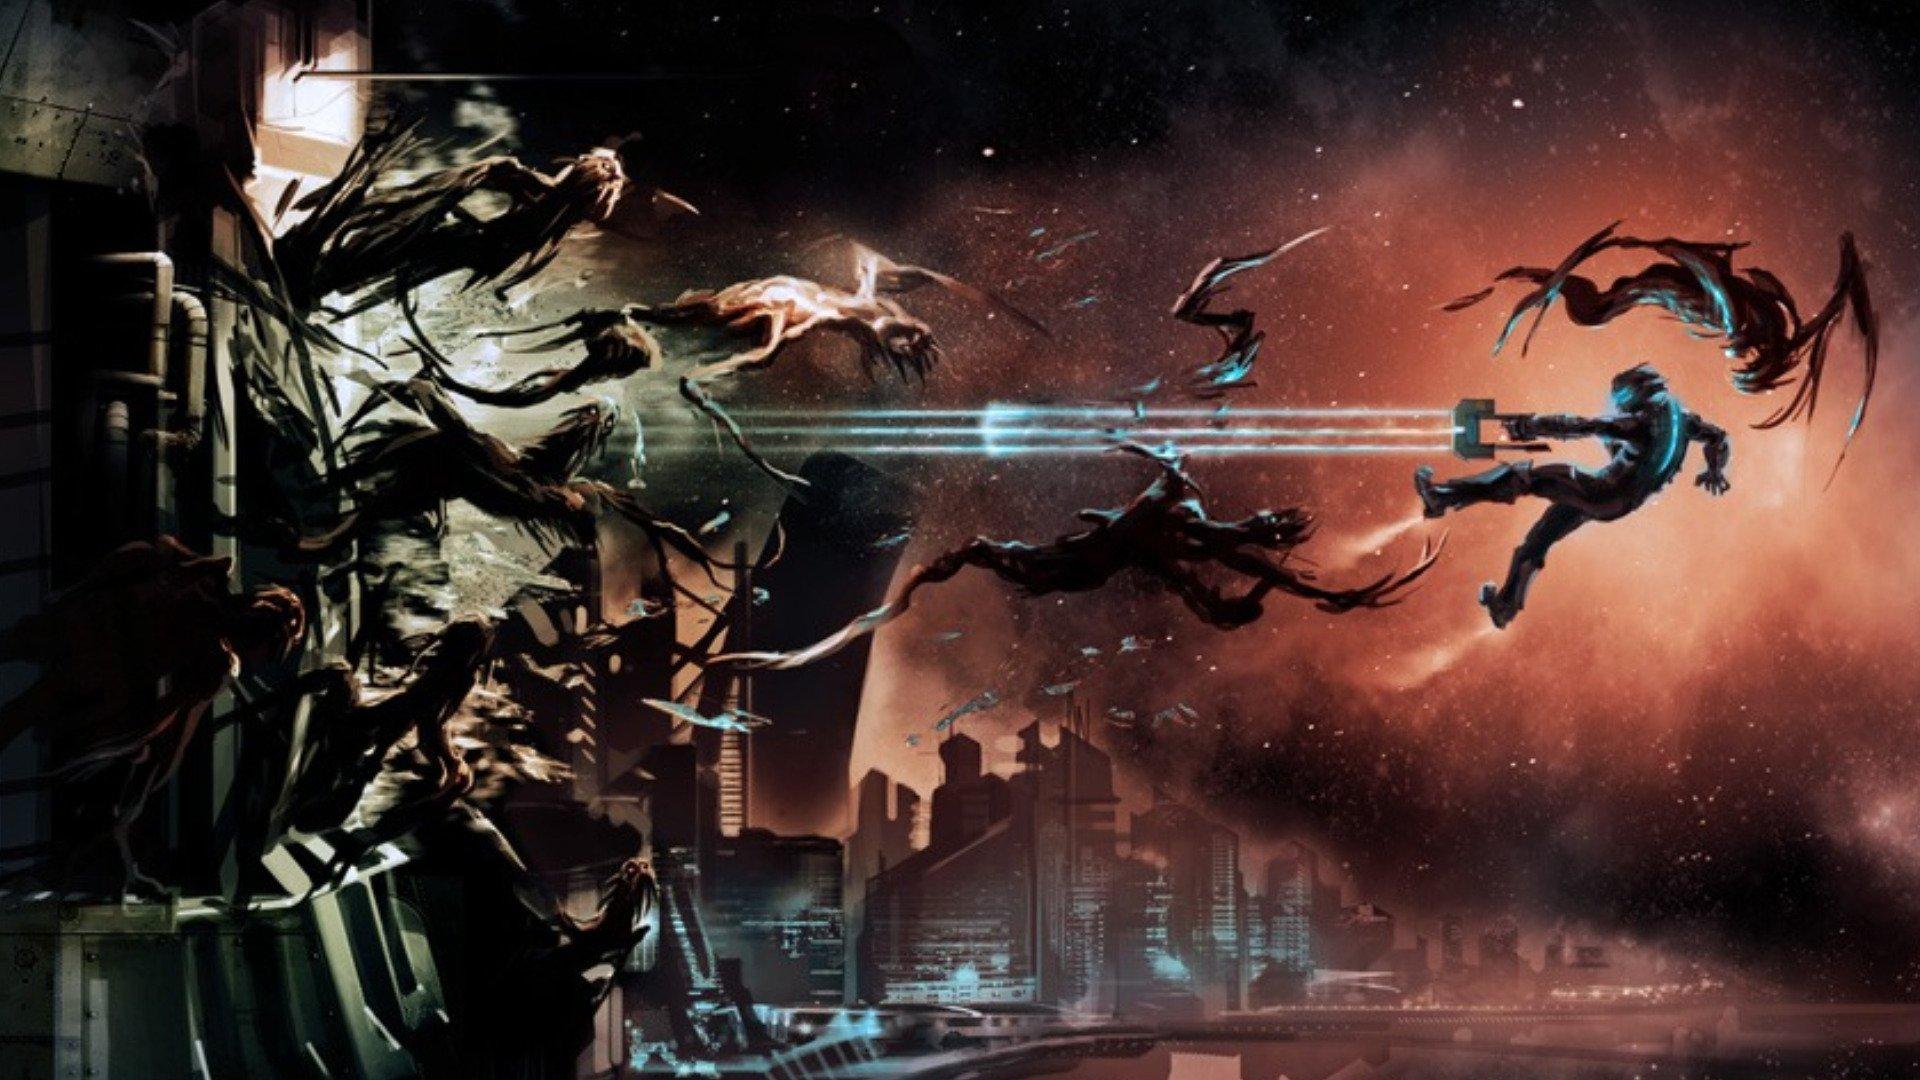 Dead space 2 hd wallpaper background image 1920x1080 - Dead space 1 wallpaper hd ...